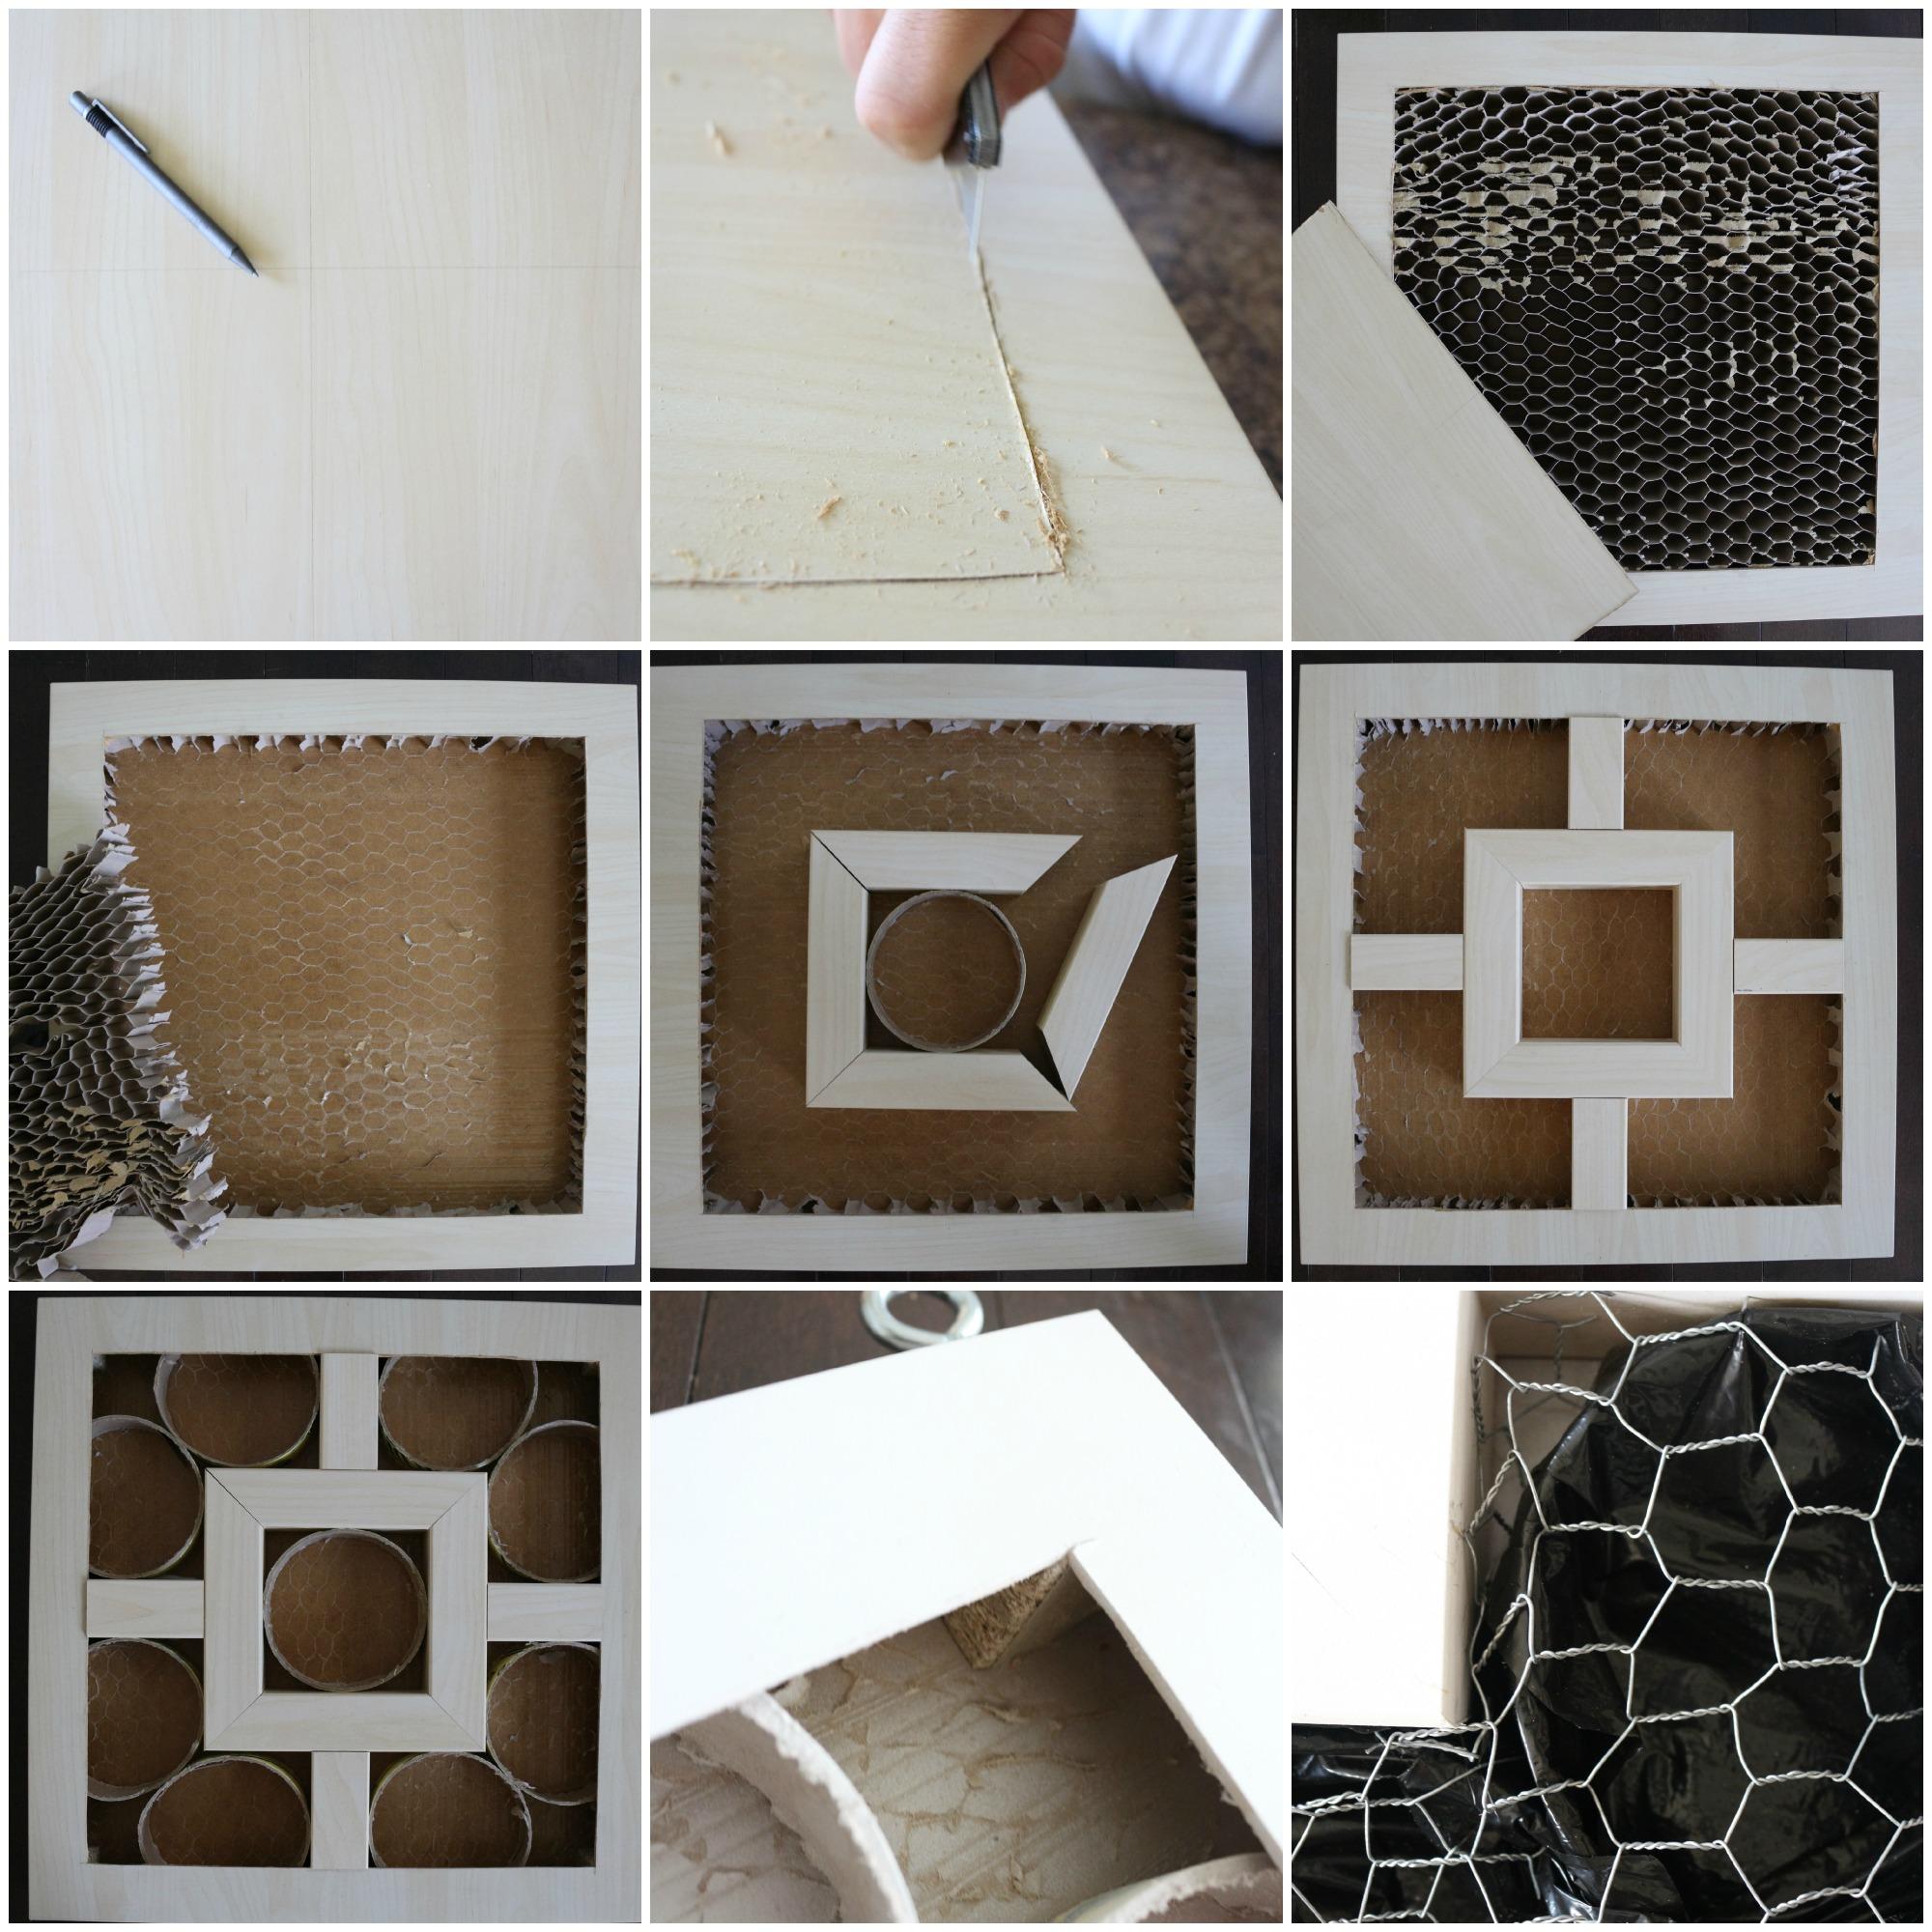 5 Idee Per Realizzare Giardini Creativi In Casa Con Prodotti Ikea